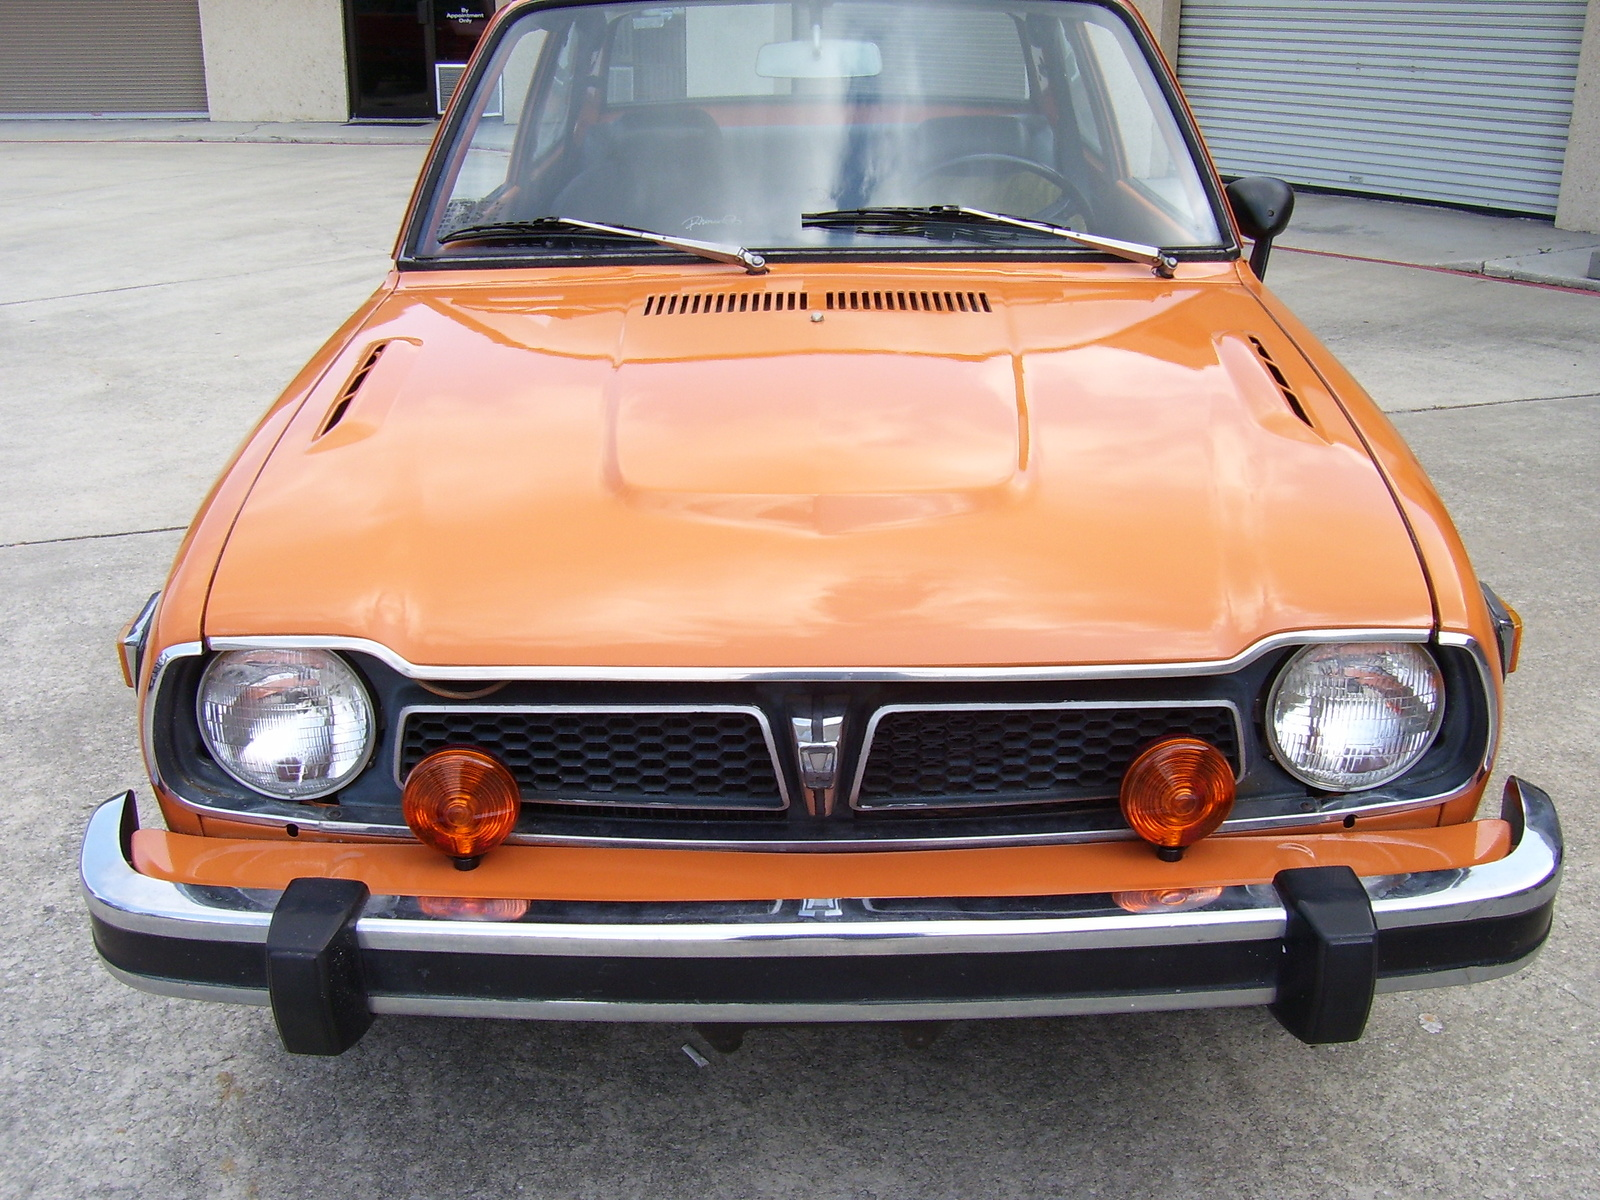 1974 Honda Civic - Pictures - CarGurus